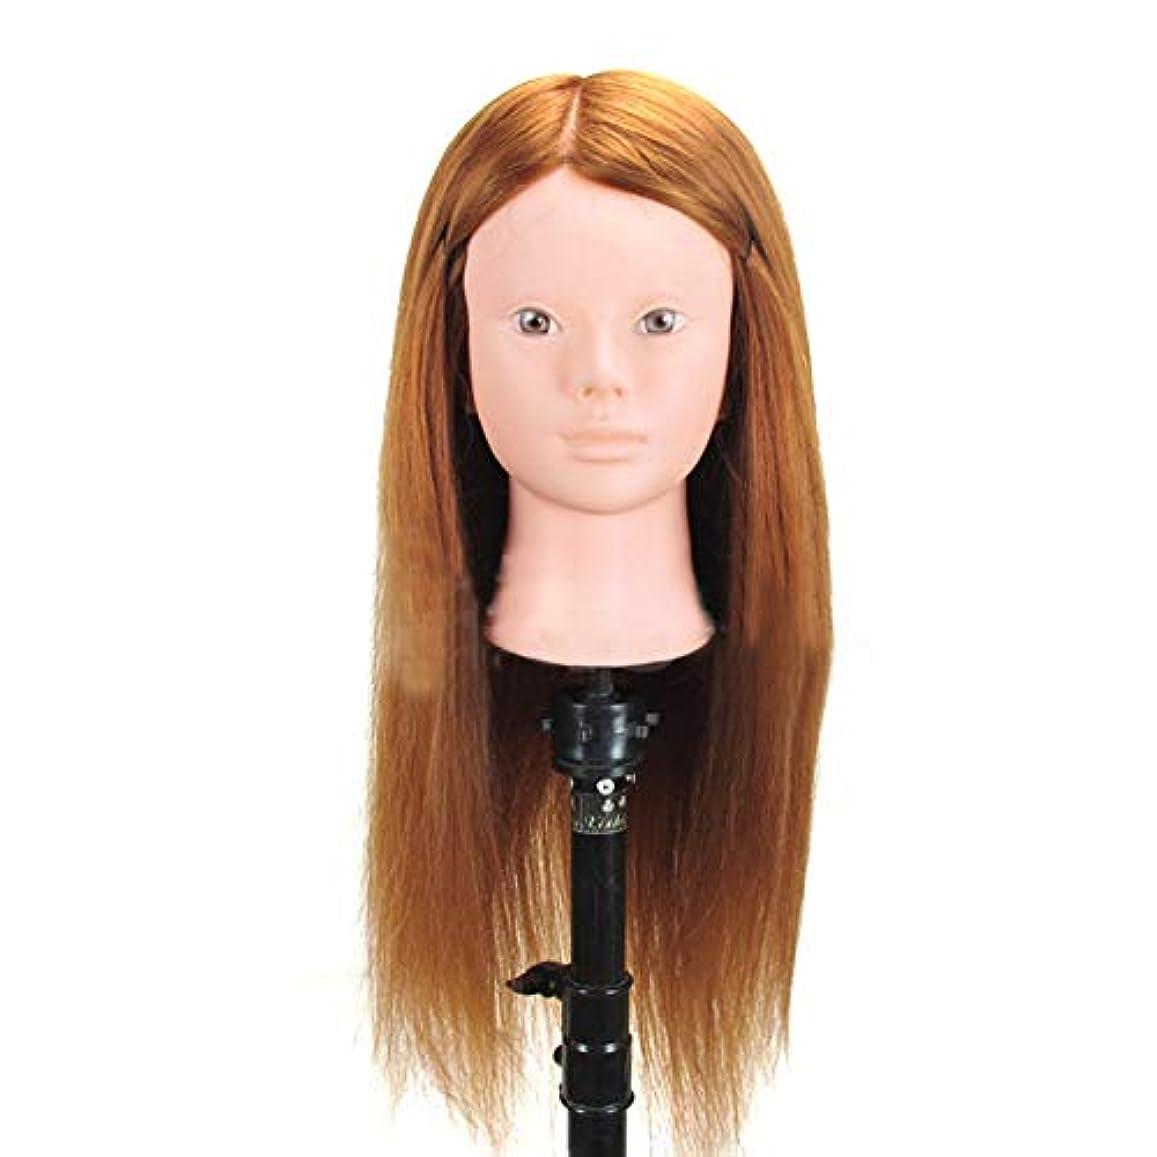 倉庫限られたプラス高温シルクヘアマネキンヘッド編組ヘアヘアピンヘッドモデルサロンパーマ髪染め学習ダミーヘッド